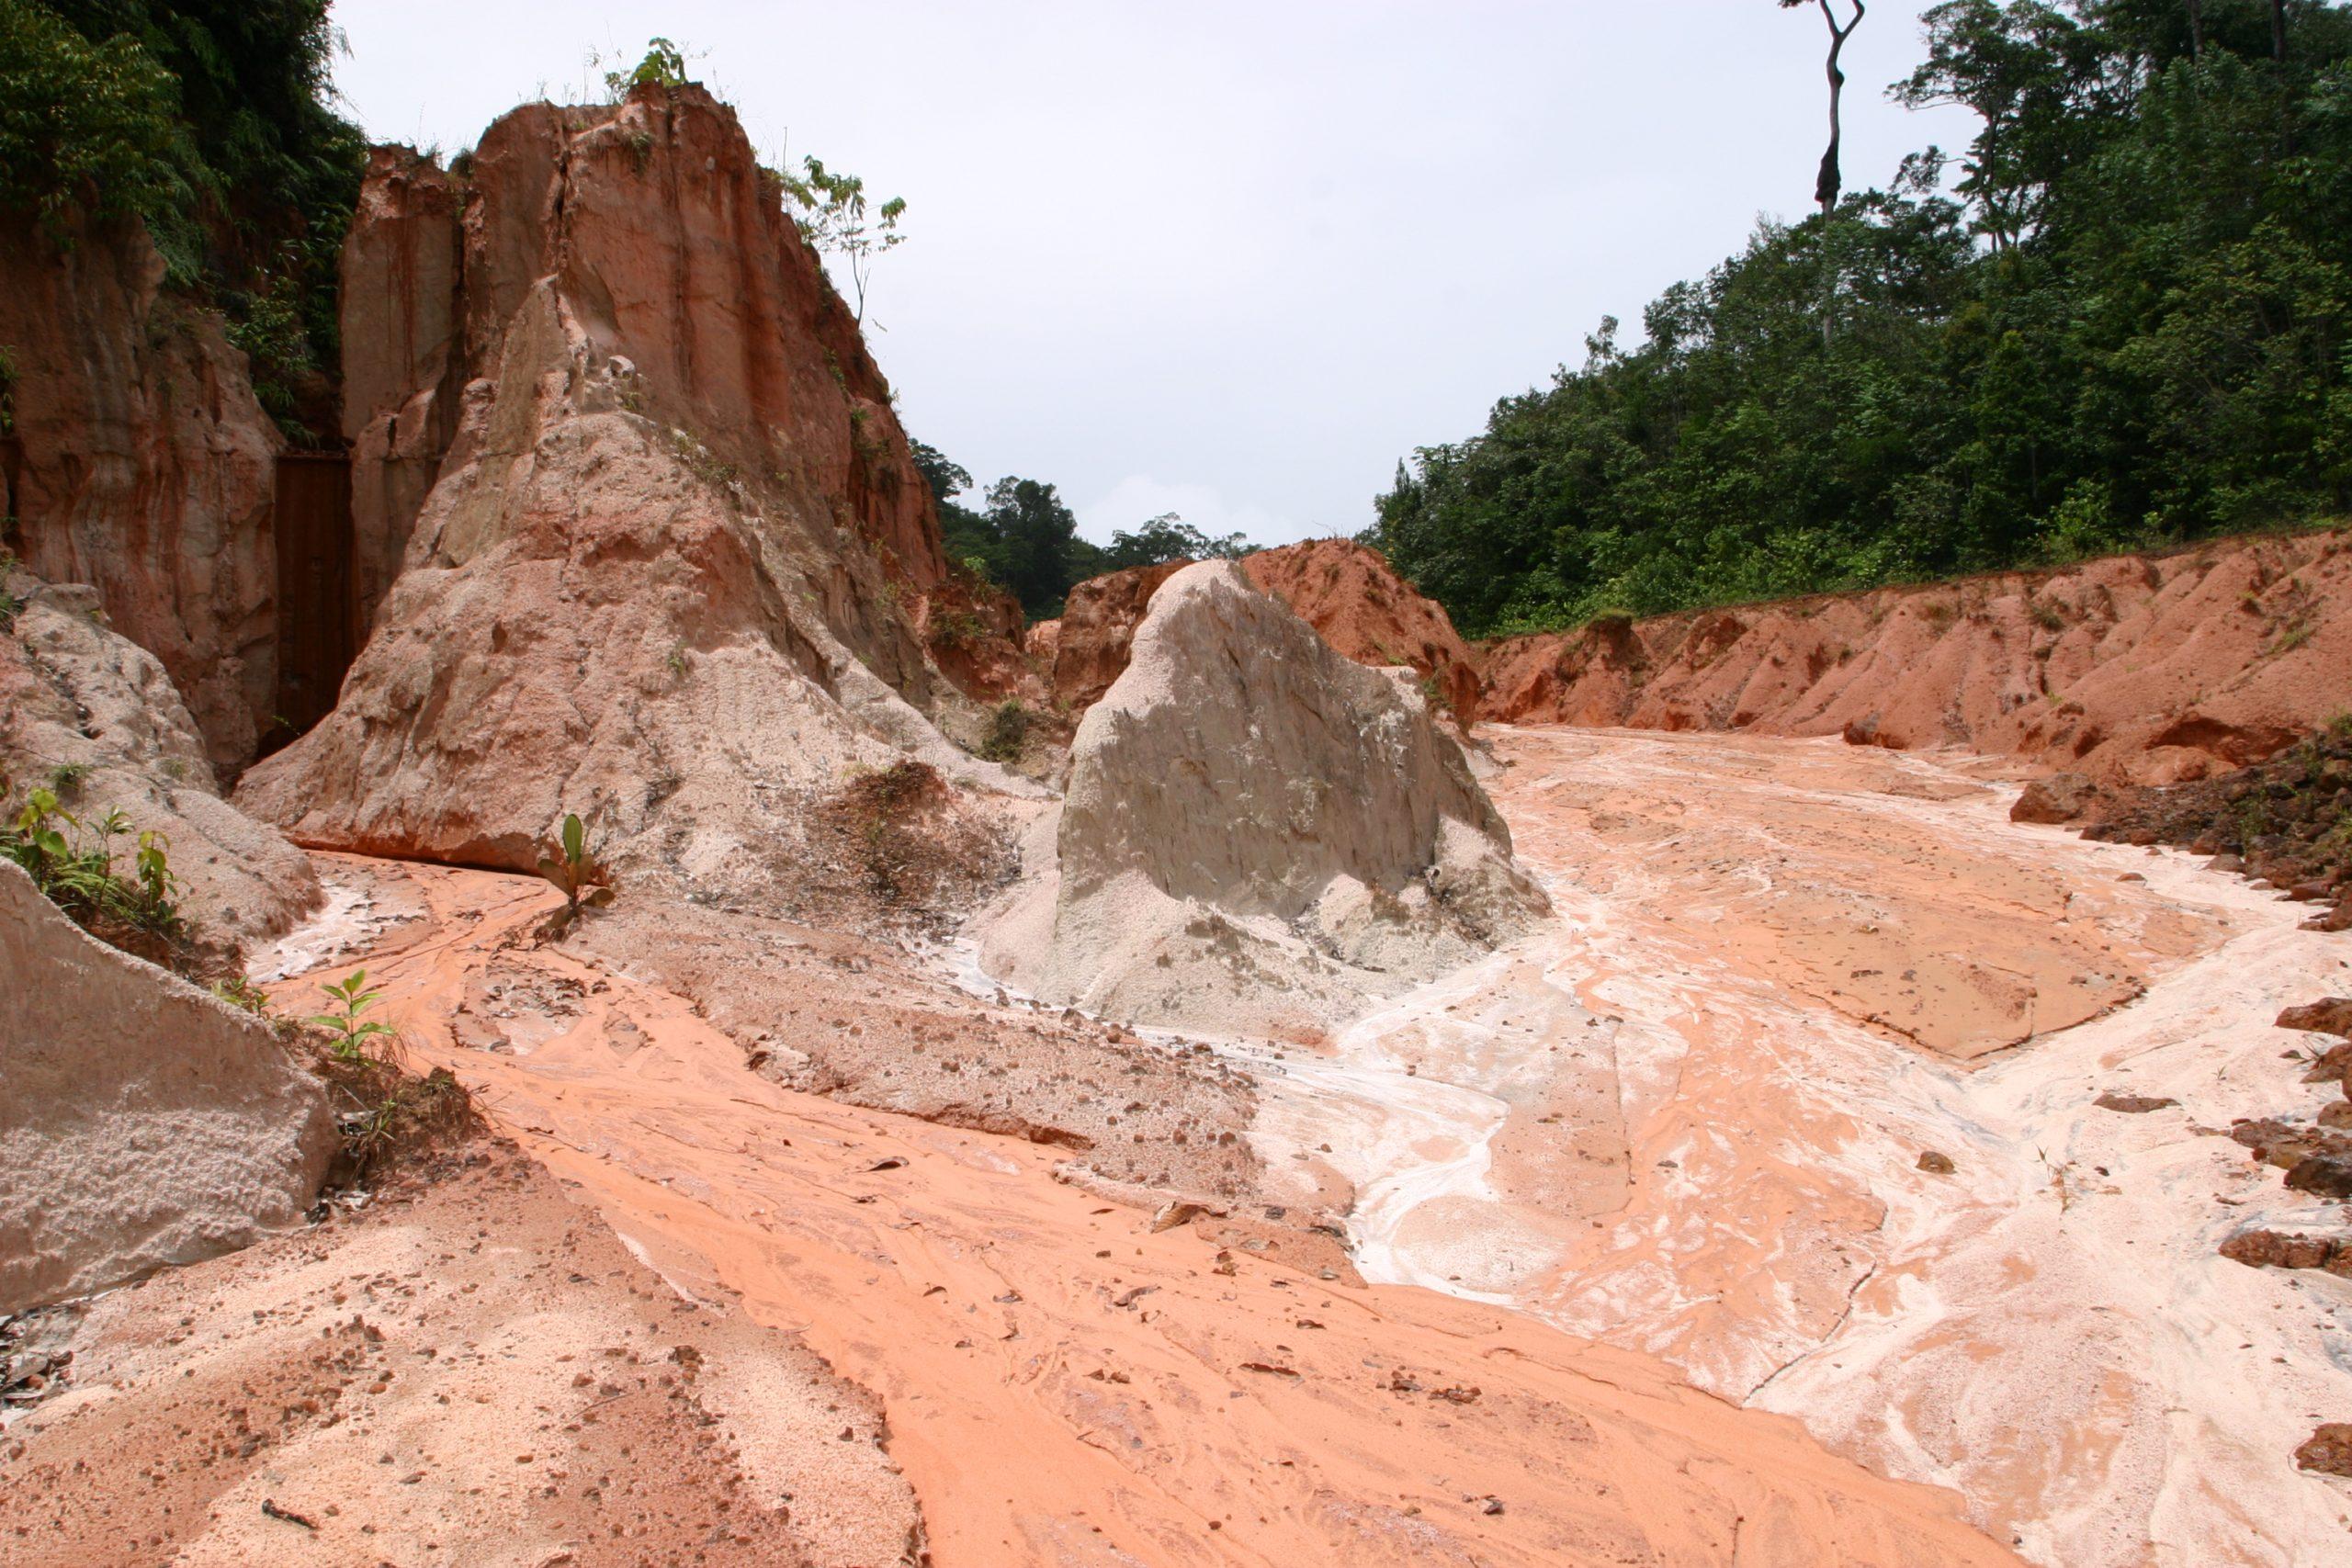 Bodenerosion im tropischen Regenwald